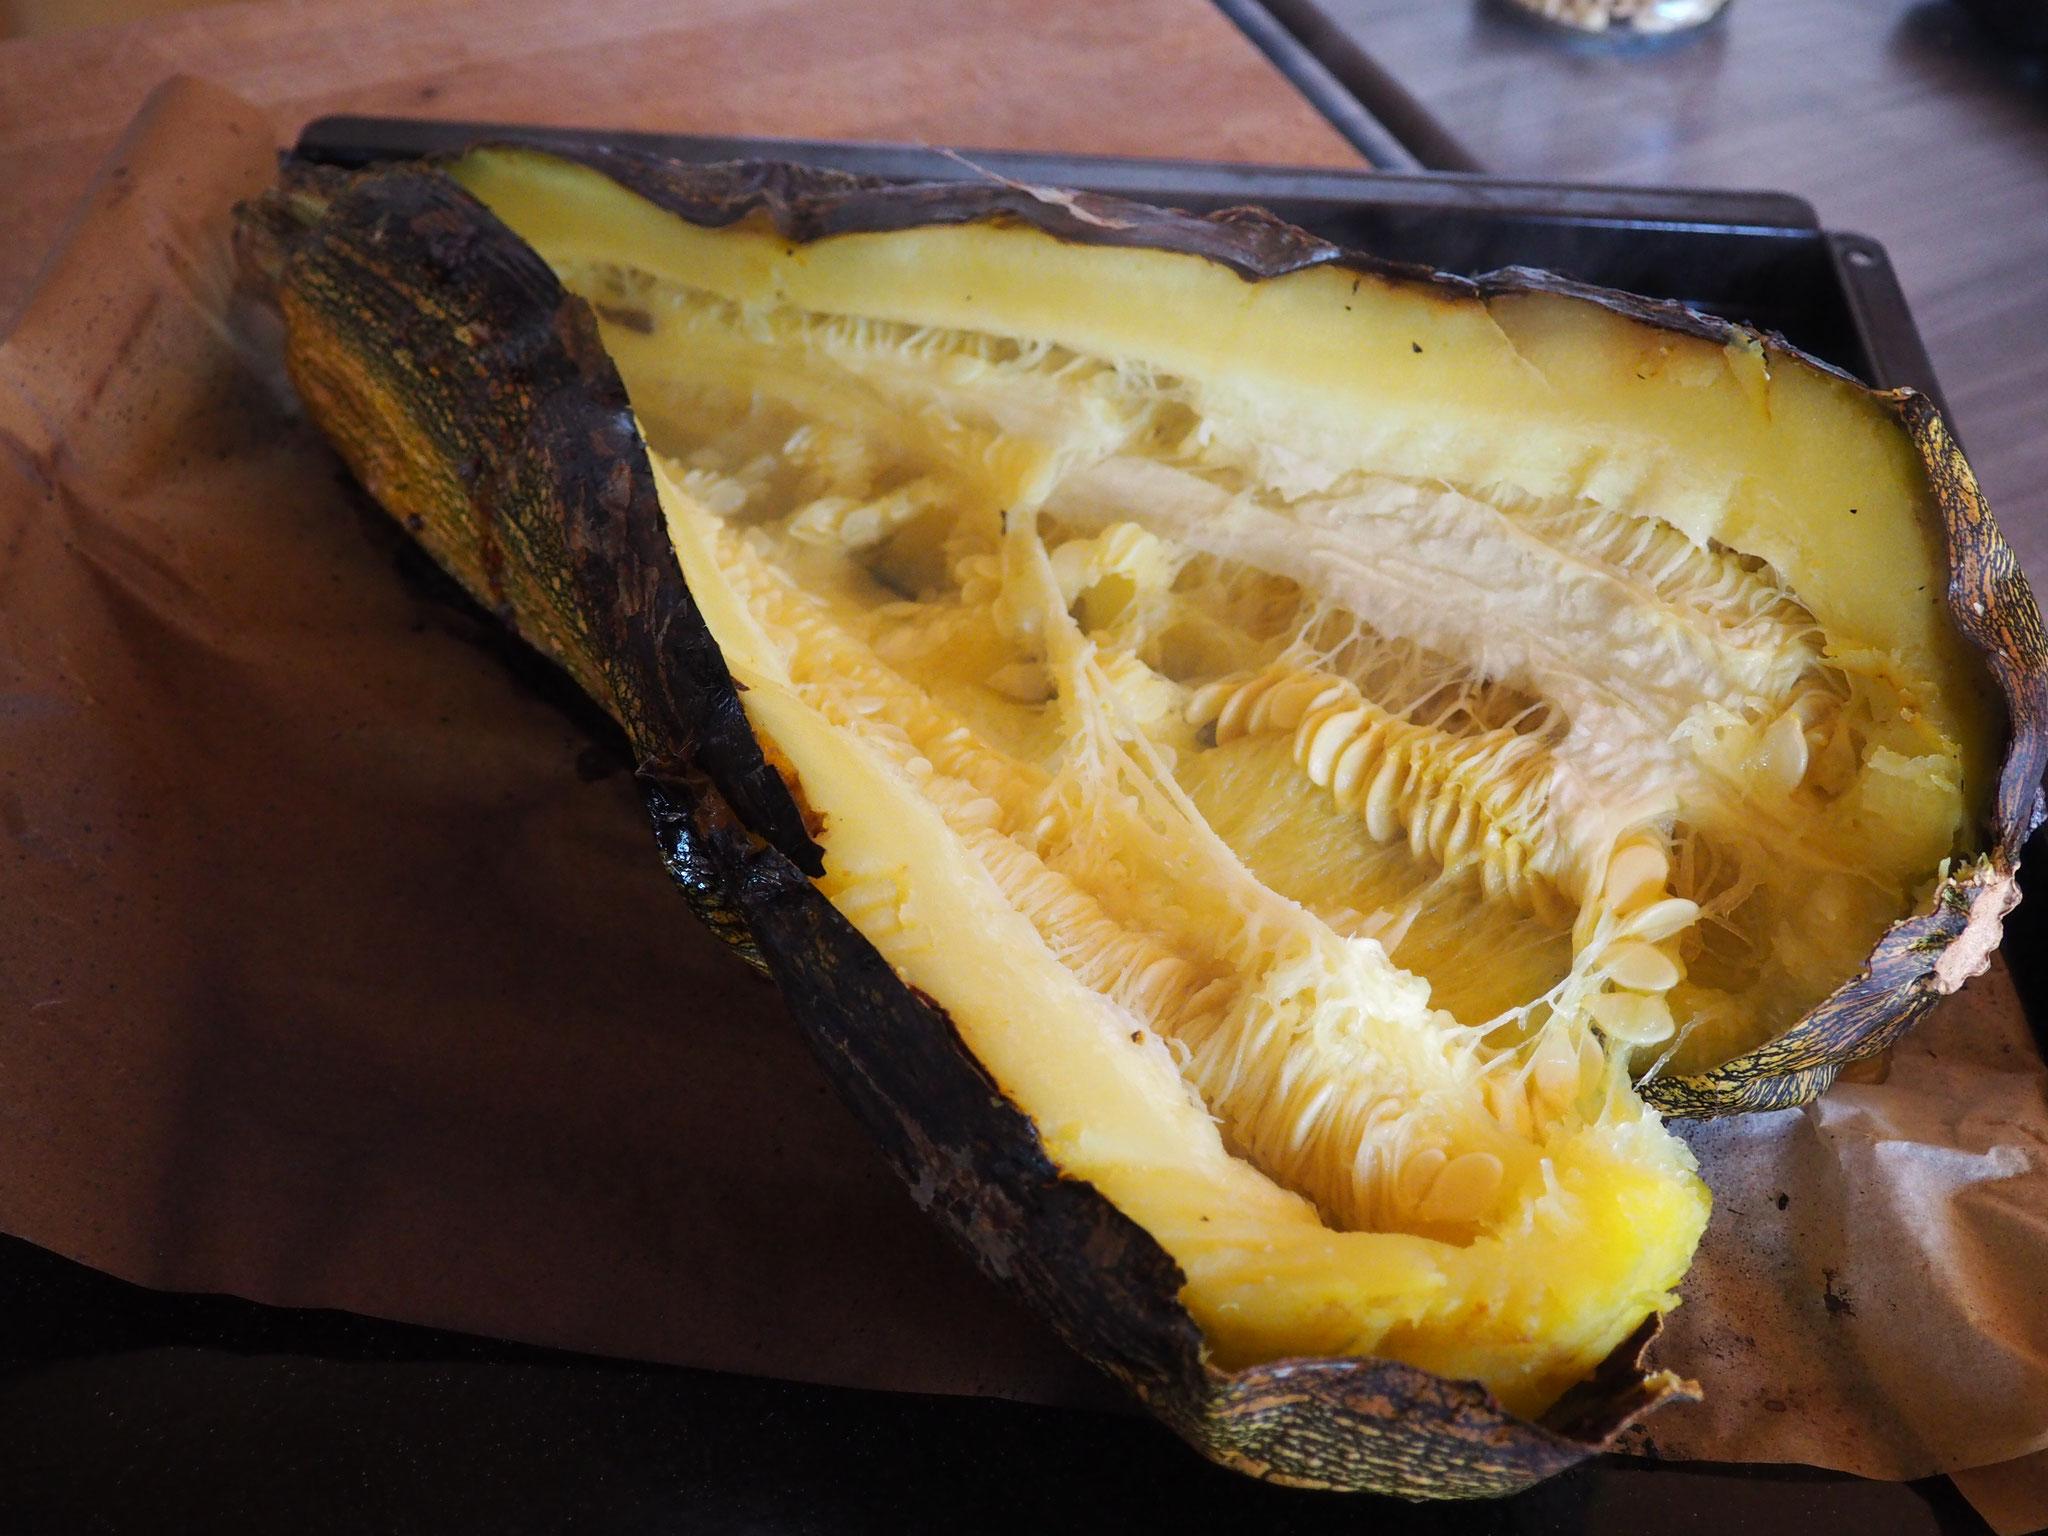 Der fertig gebackene Zucchini wird aufgeschlitzt